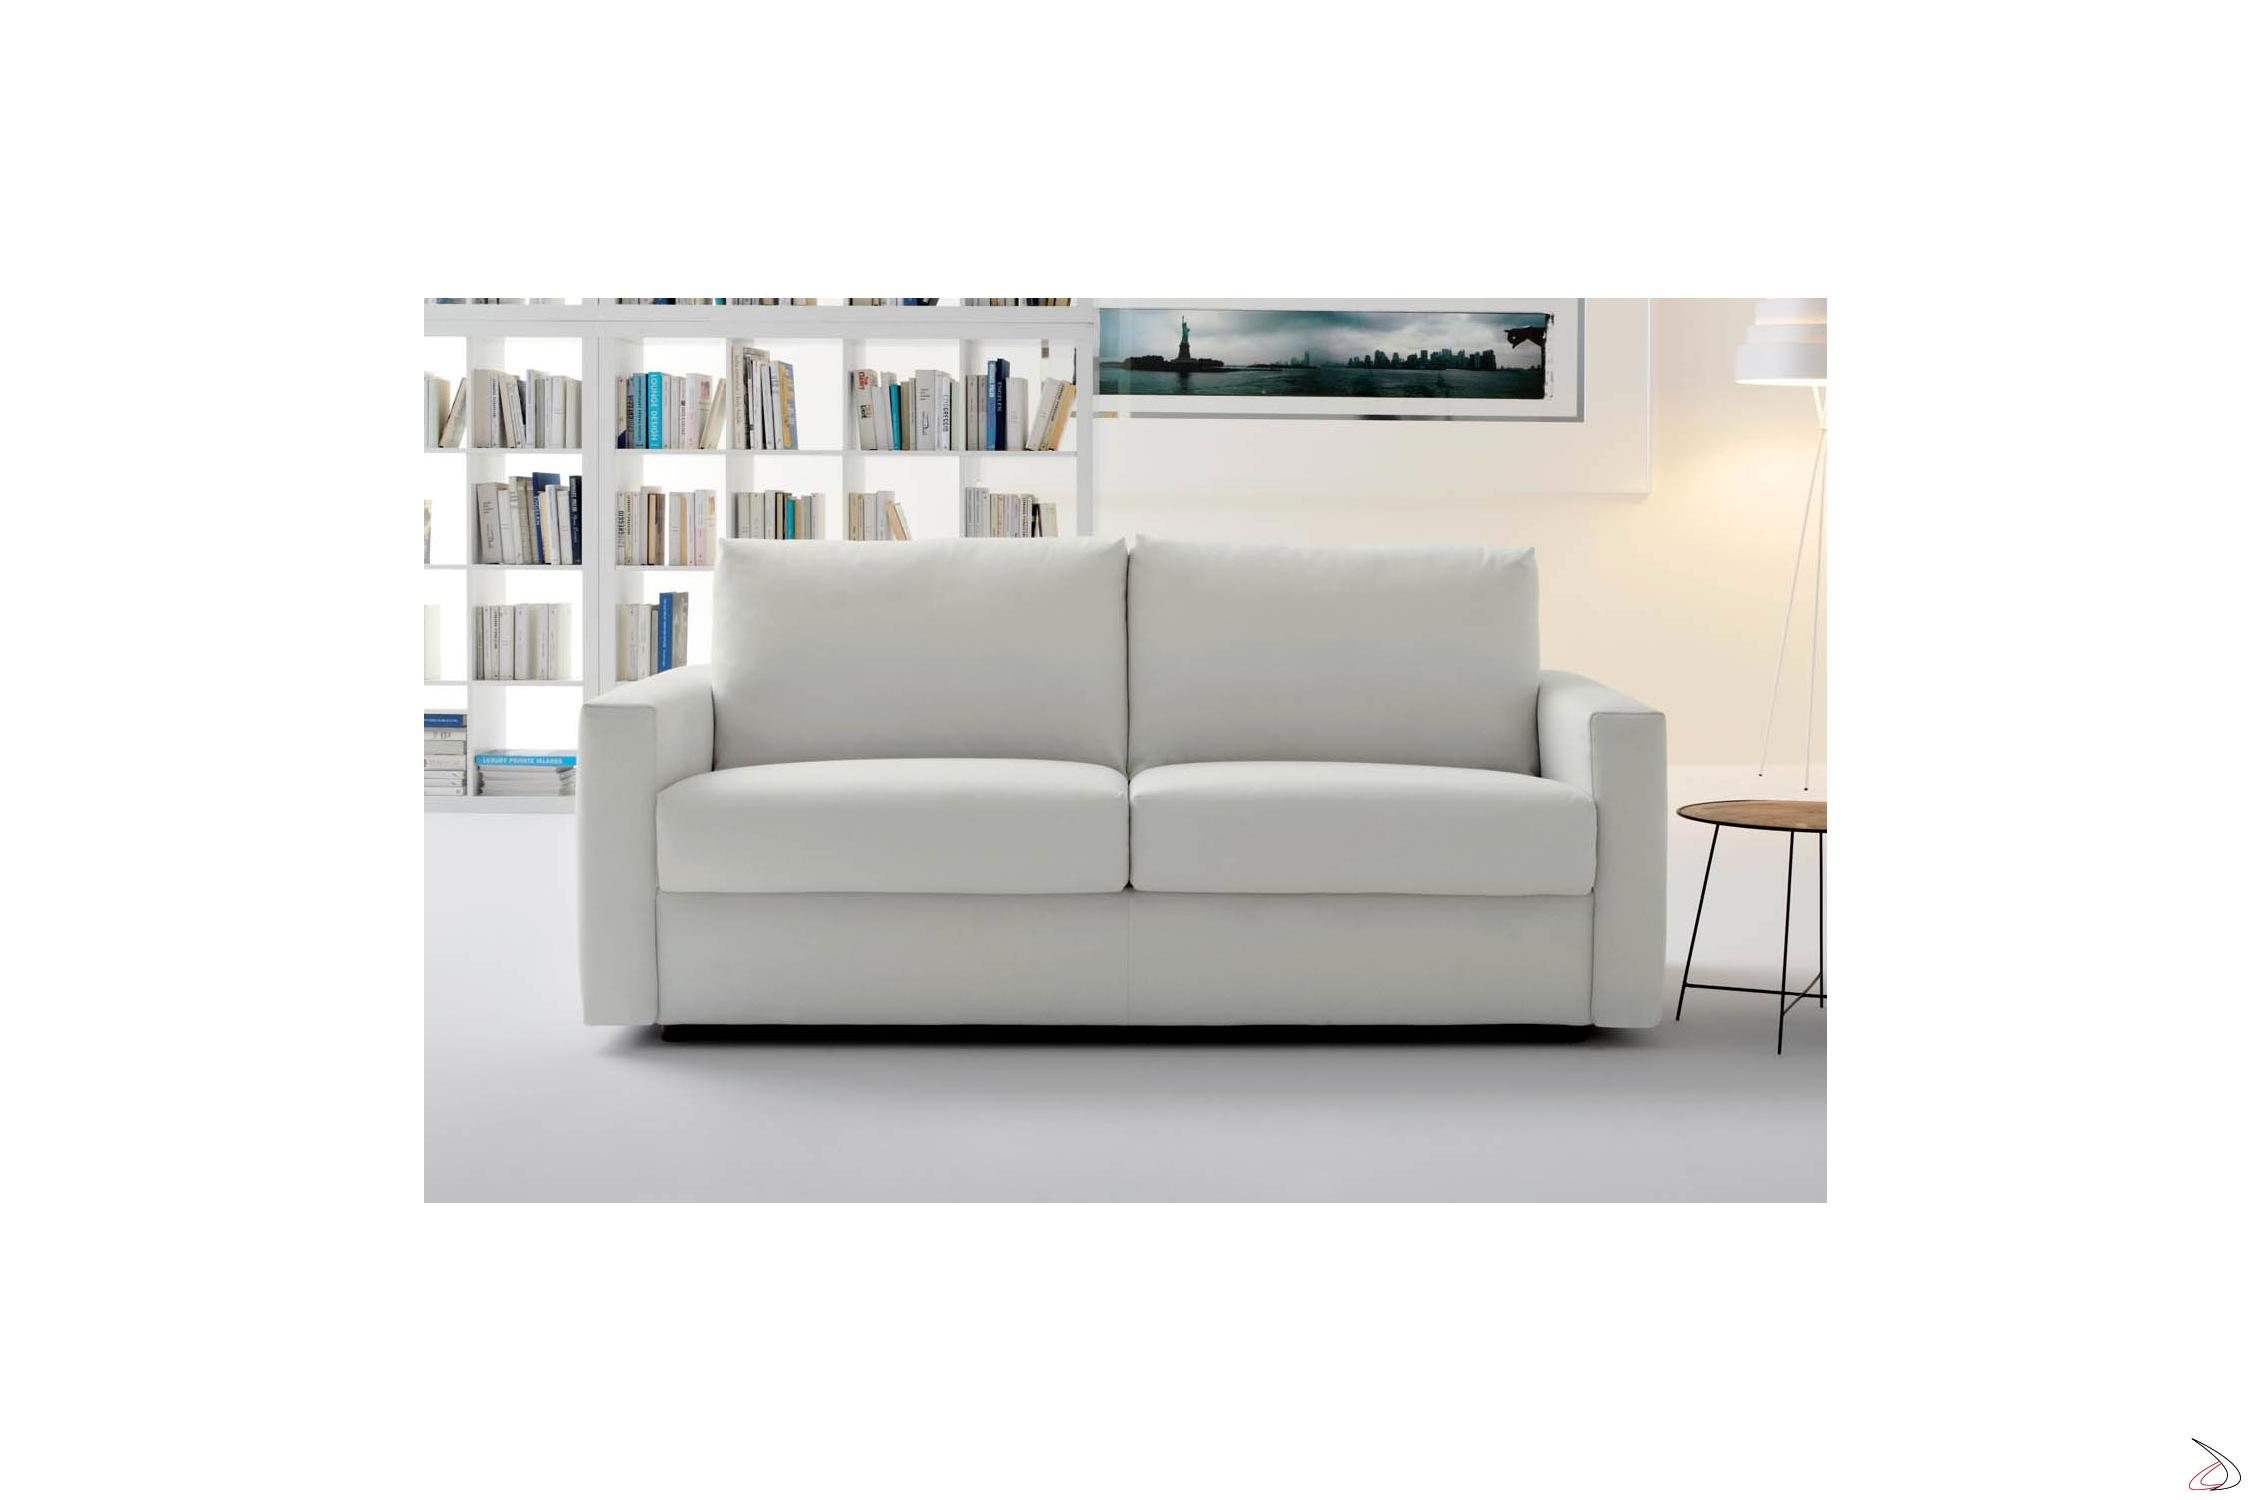 Divano Letto 2 Posti Matrimoniale.Floris Convertible 2 Seater Sofa Bed Toparredi Arredo Design